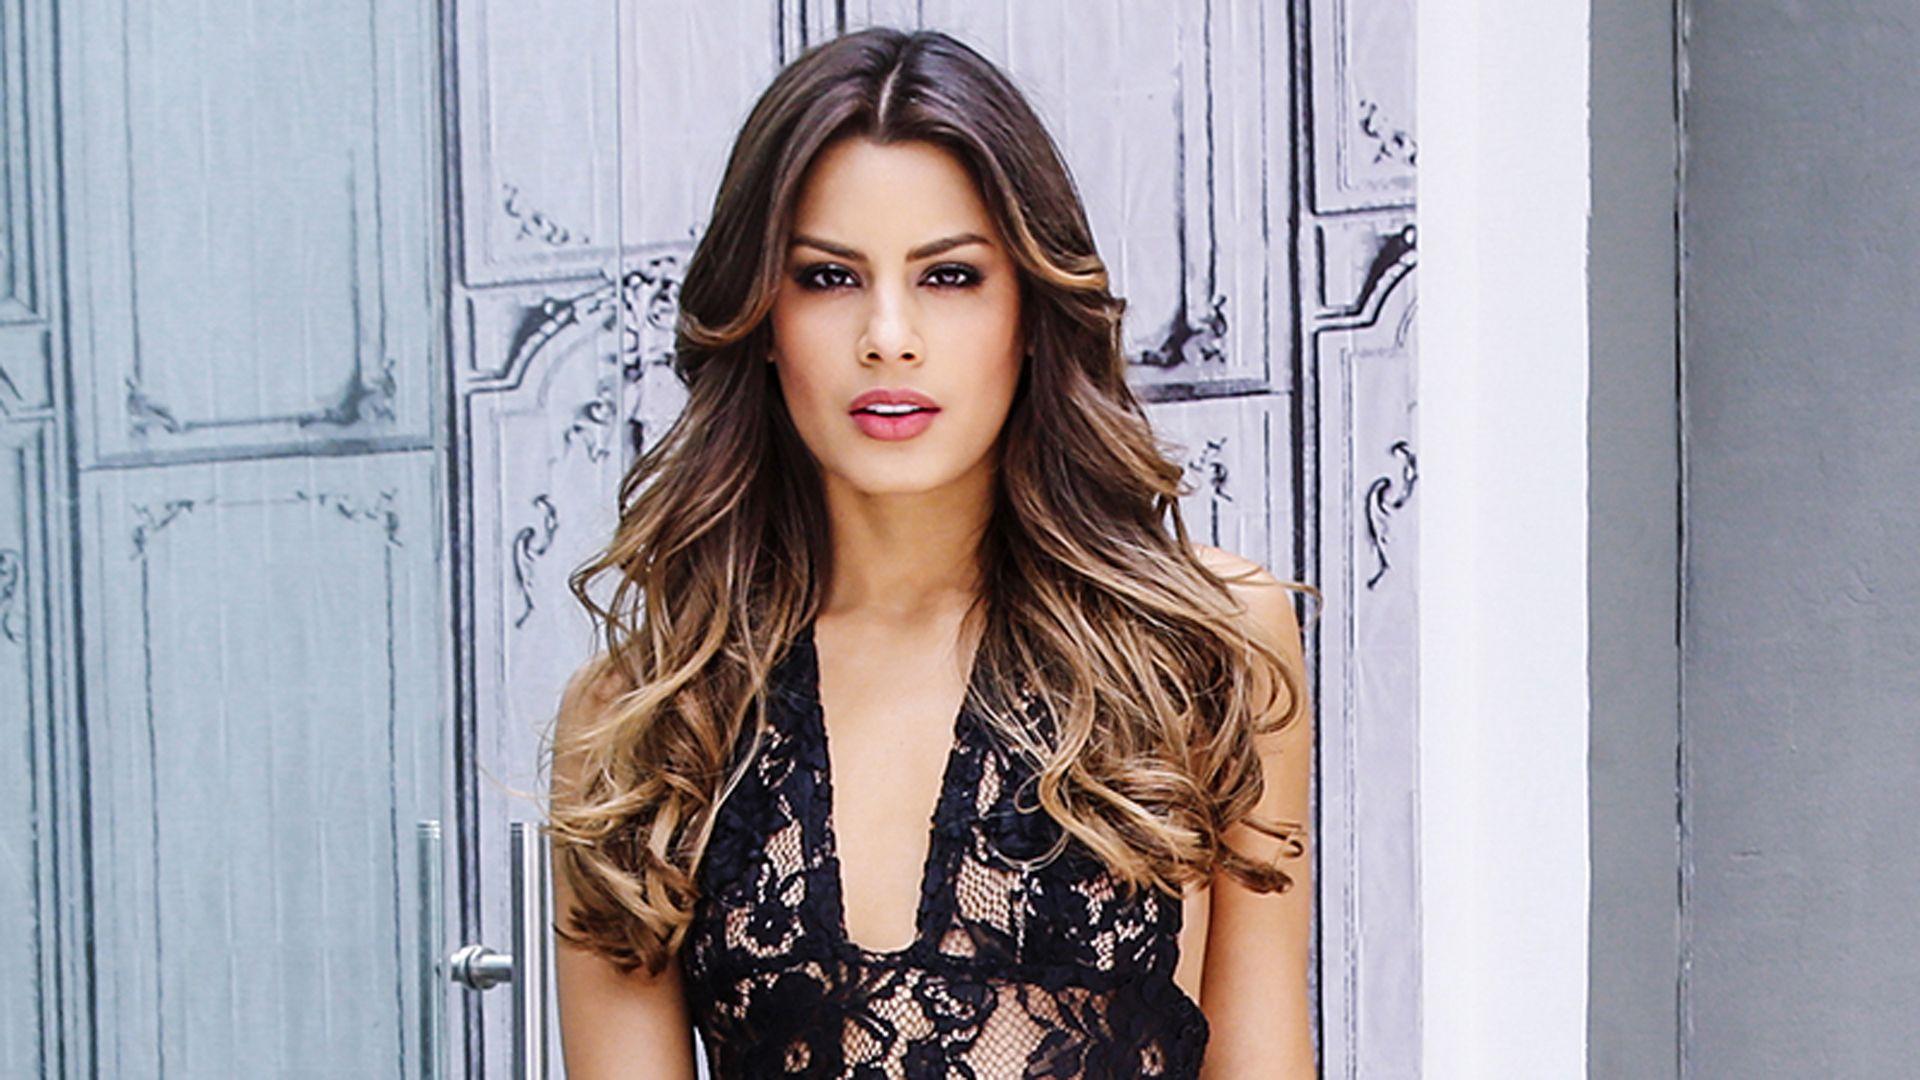 Celebrites Ariadna Gutierrez nude (38 photo), Sexy, Paparazzi, Boobs, braless 2018